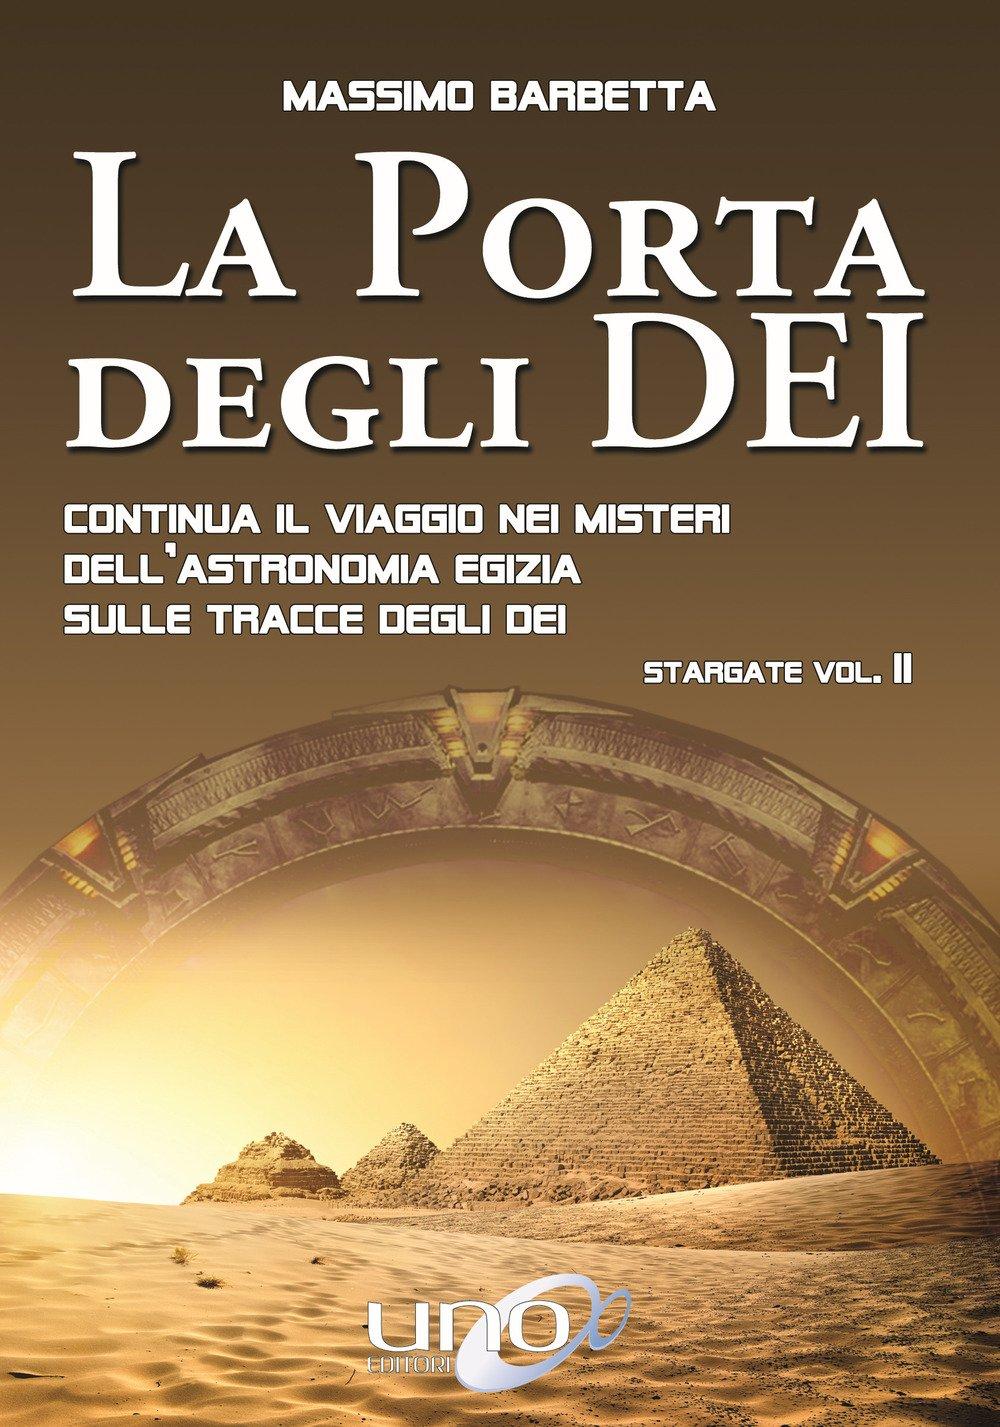 La porta degli dei. Continua il viaggio nei misteri dell'astronomia egizia sulle tracce degli dei. Stargate. Vol. 2